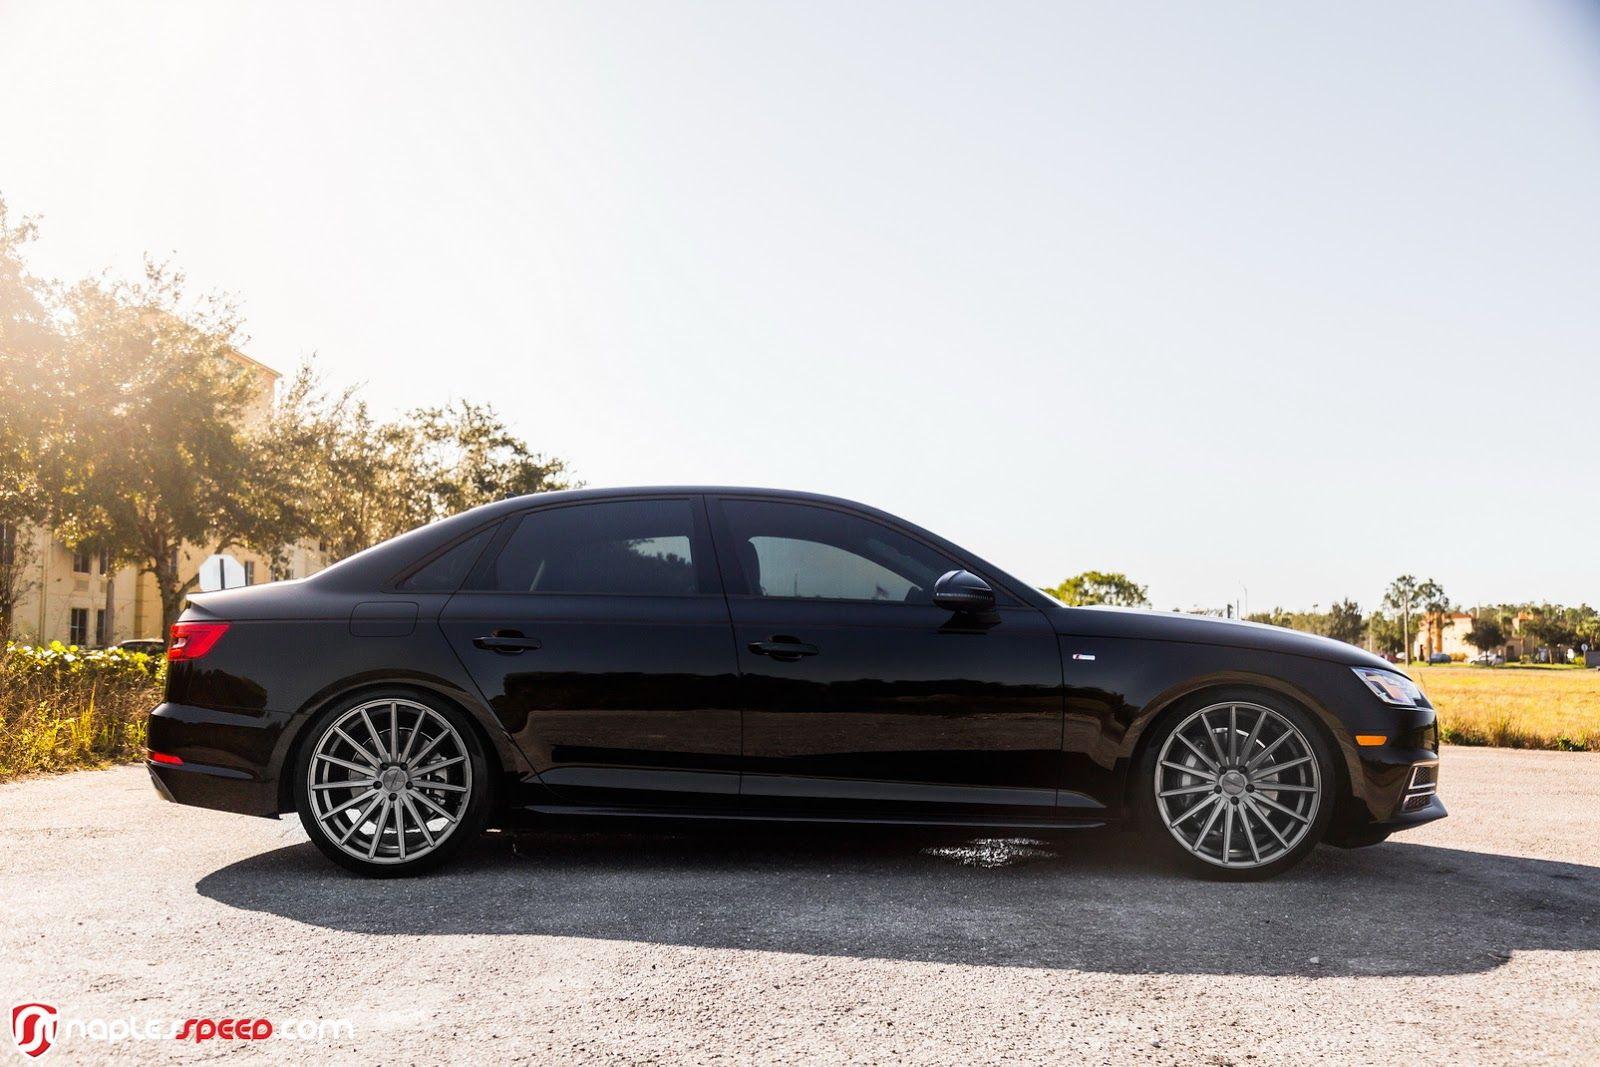 2017 Audi A4 Hunkers Down On 20 Custom Wheels Carscoops Custom Wheels 2017 Audi A4 Car Wheels